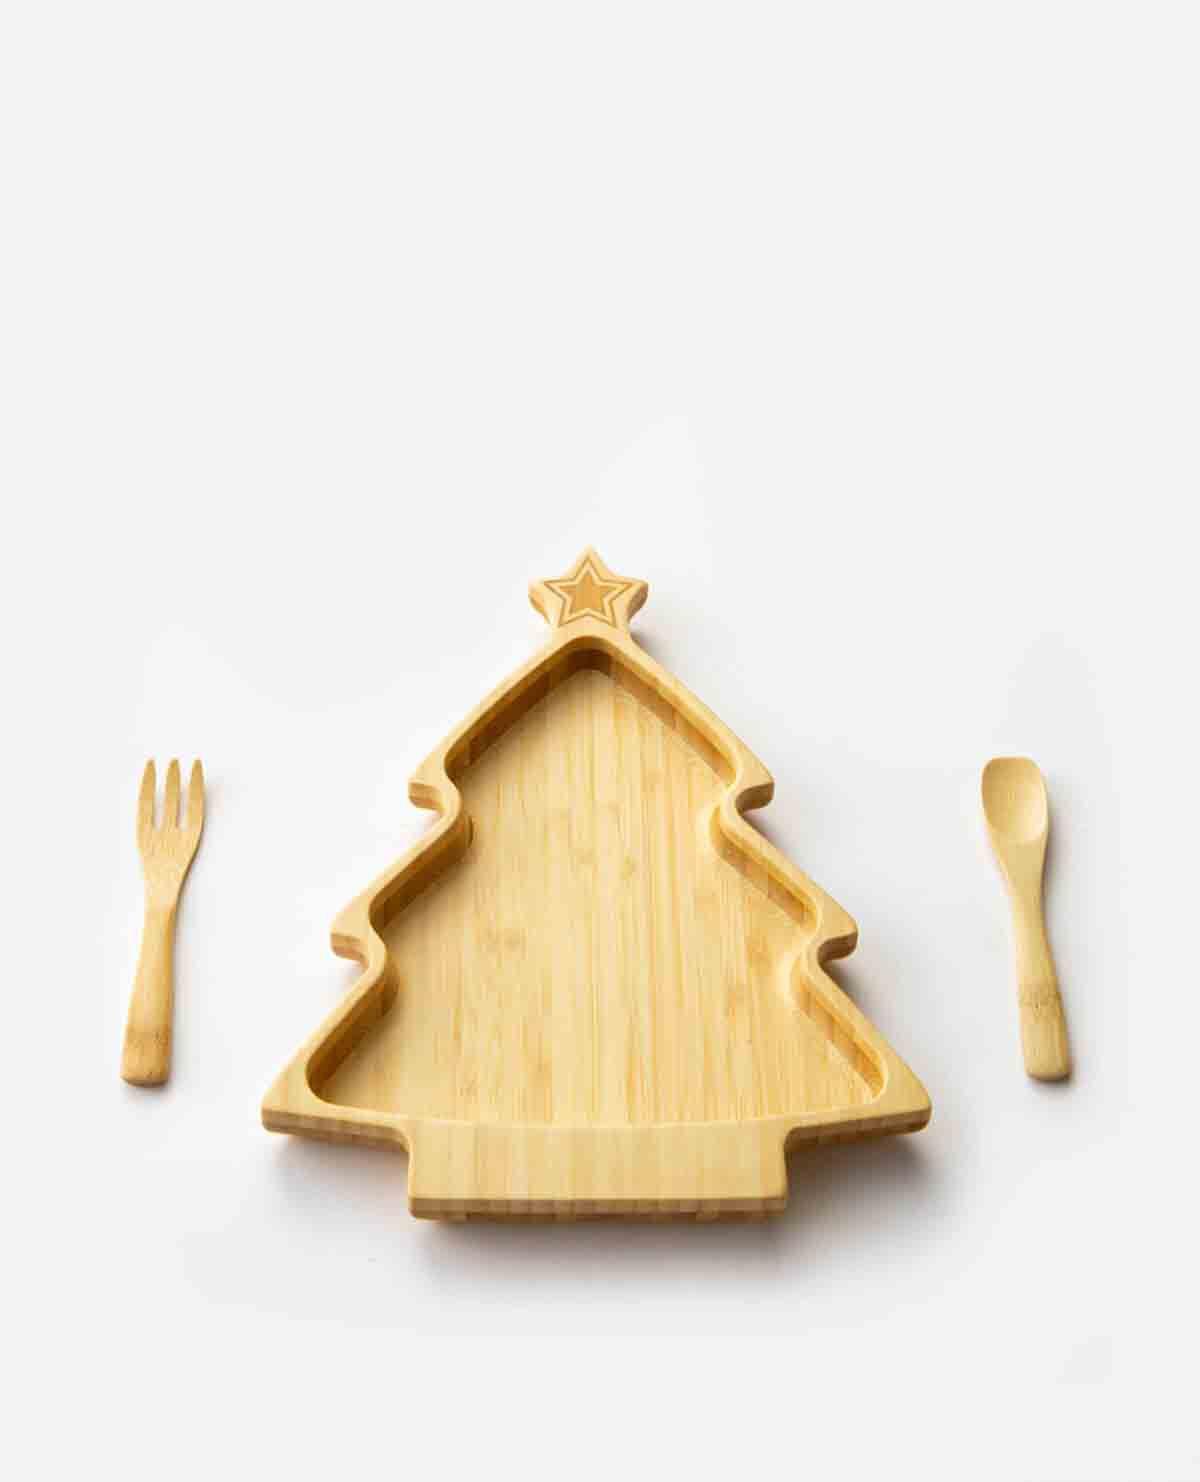 ツリー クリスマスツリー クリスマス プレートセット ベビー食器 木製